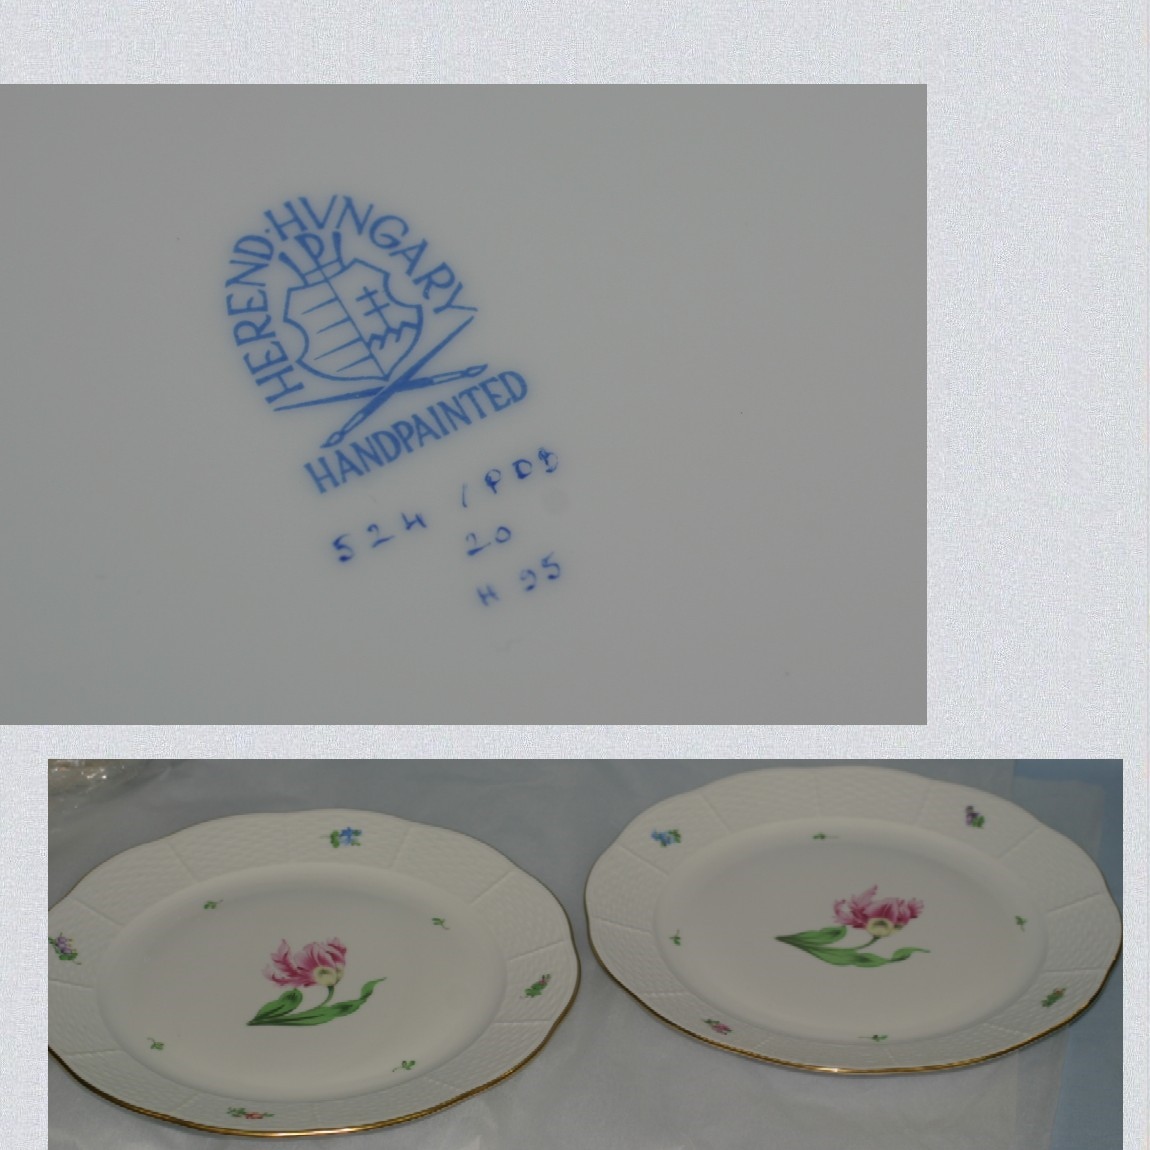 【中古】新品未使用へレンドハンガリー製可愛いチューリップの絵柄ハンドメイドの直径25,5センチの皿2枚セットバコニーの春 ○J10-71-4